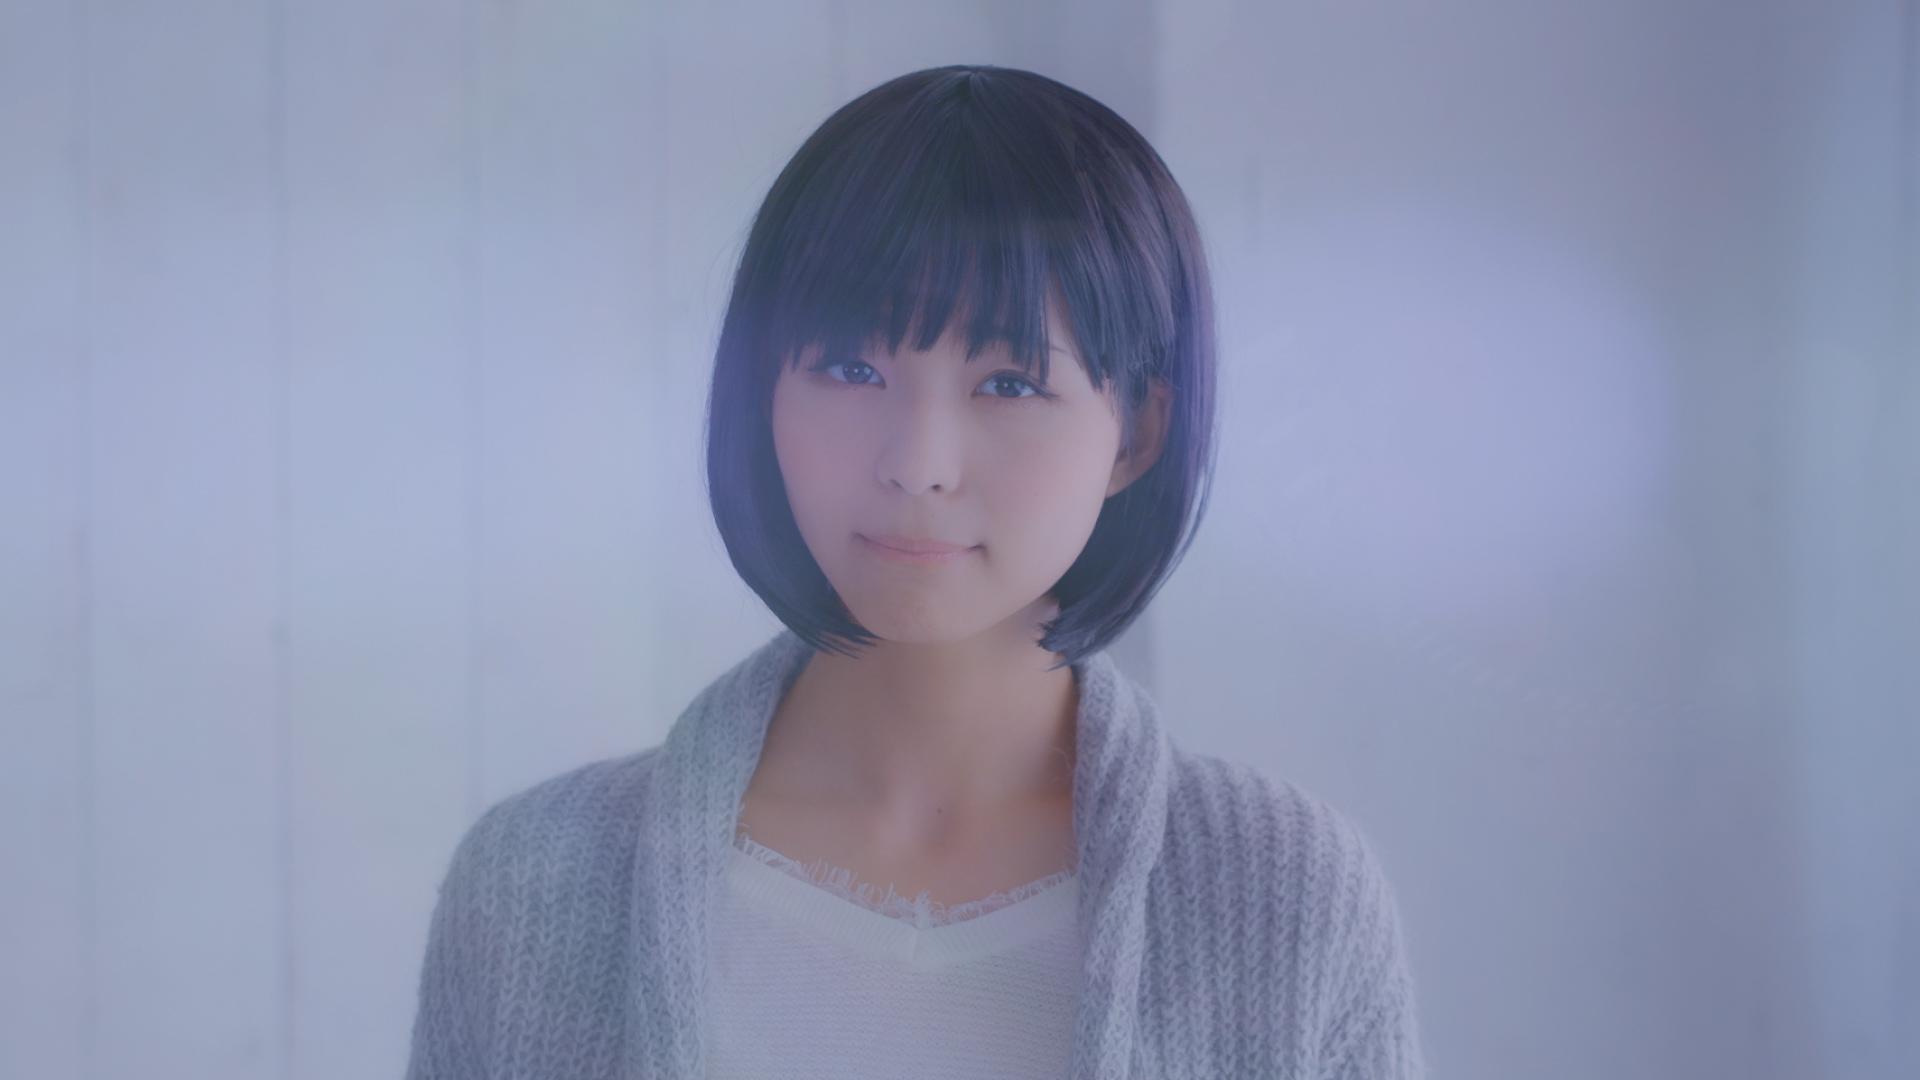 TEICHIKU ENTERTAINMENT, INC.<br>寺嶋由芙「知らない誰かに抱かれてもいい」